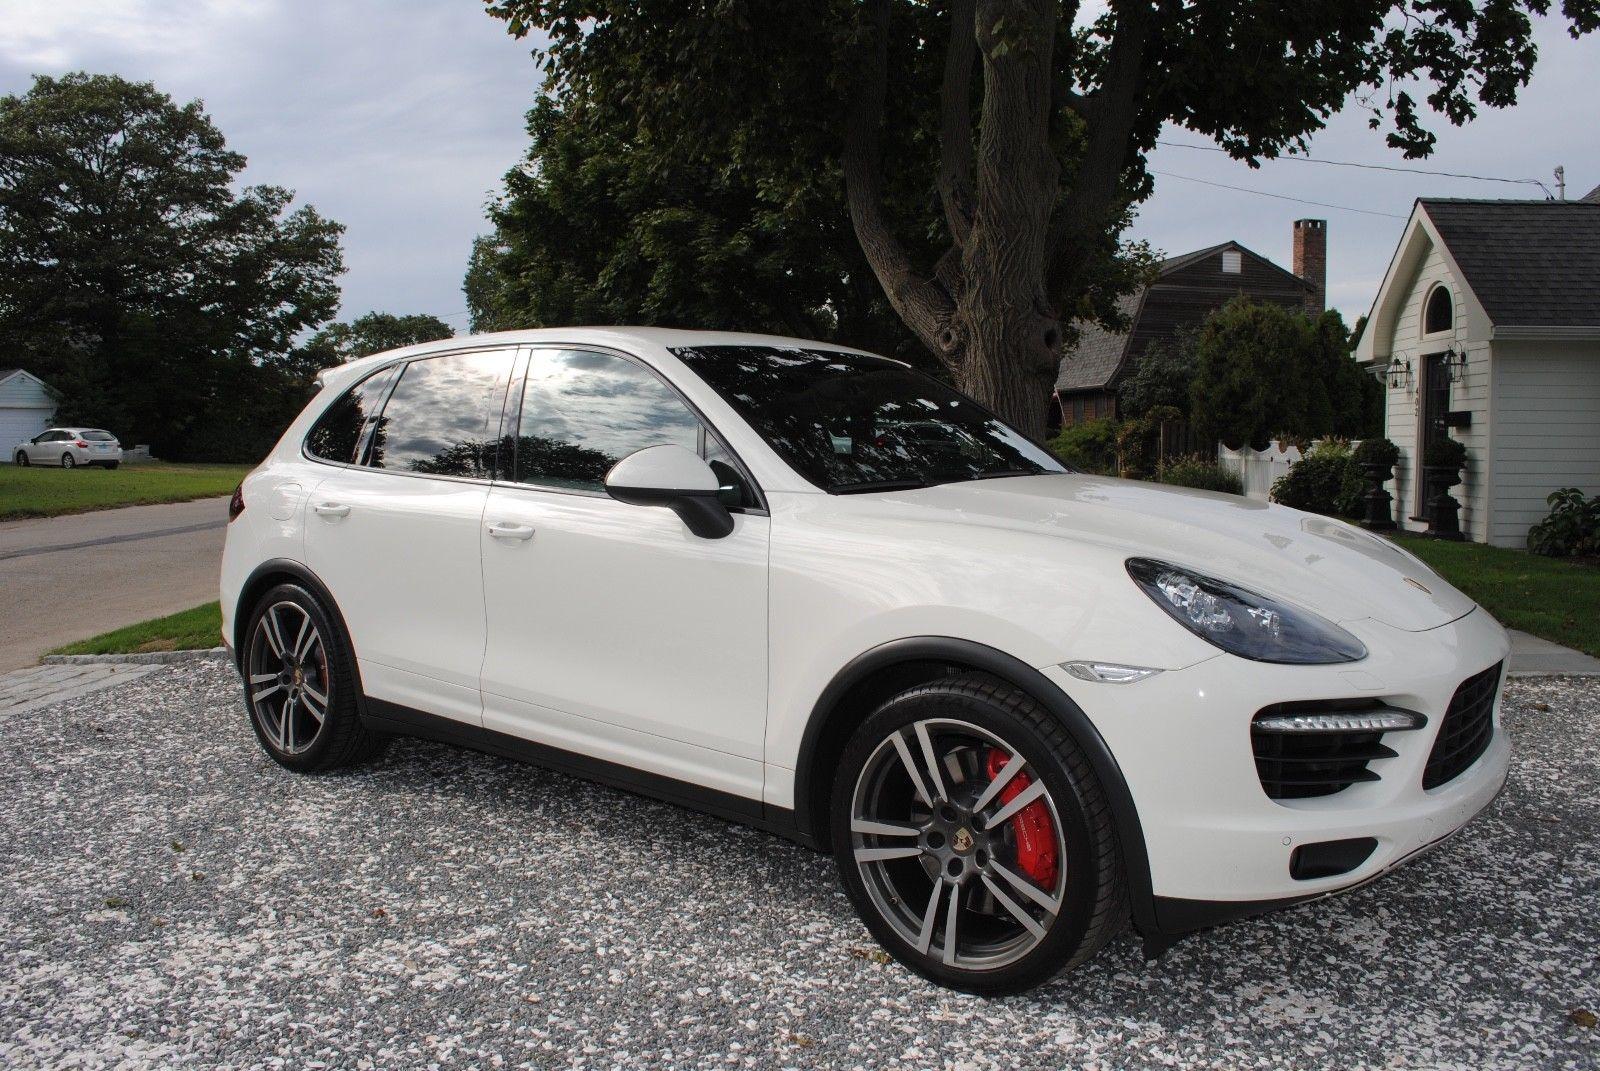 Amazing 2011 Porsche Cayenne 2011 Porsche Cayenne Turbo